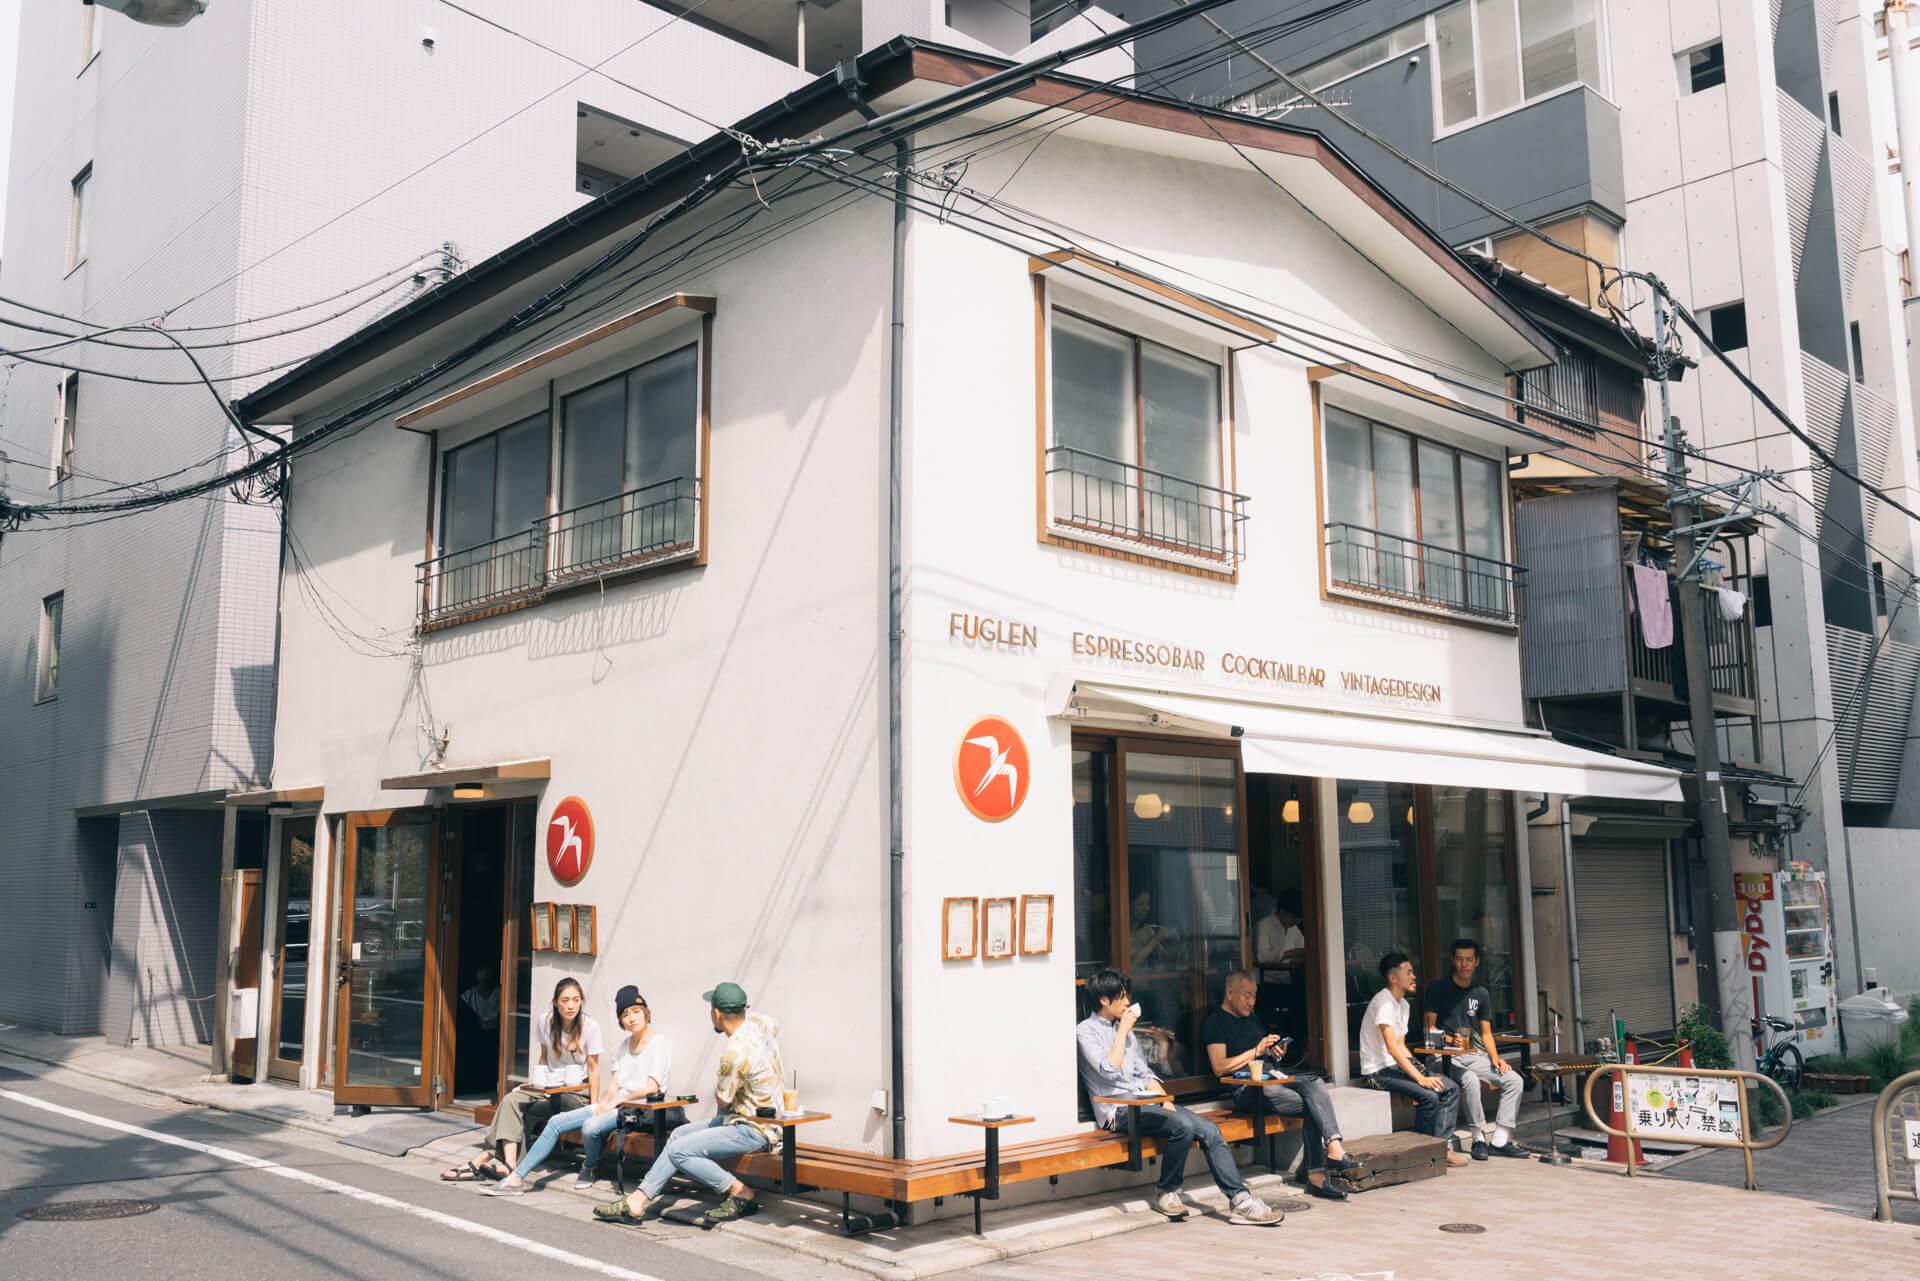 """小さな一軒家をリノベーションした店舗。""""Fuglen""""とは、ノルウェー語で「鳥」という意味。赤い鳥のマークが目印です。"""